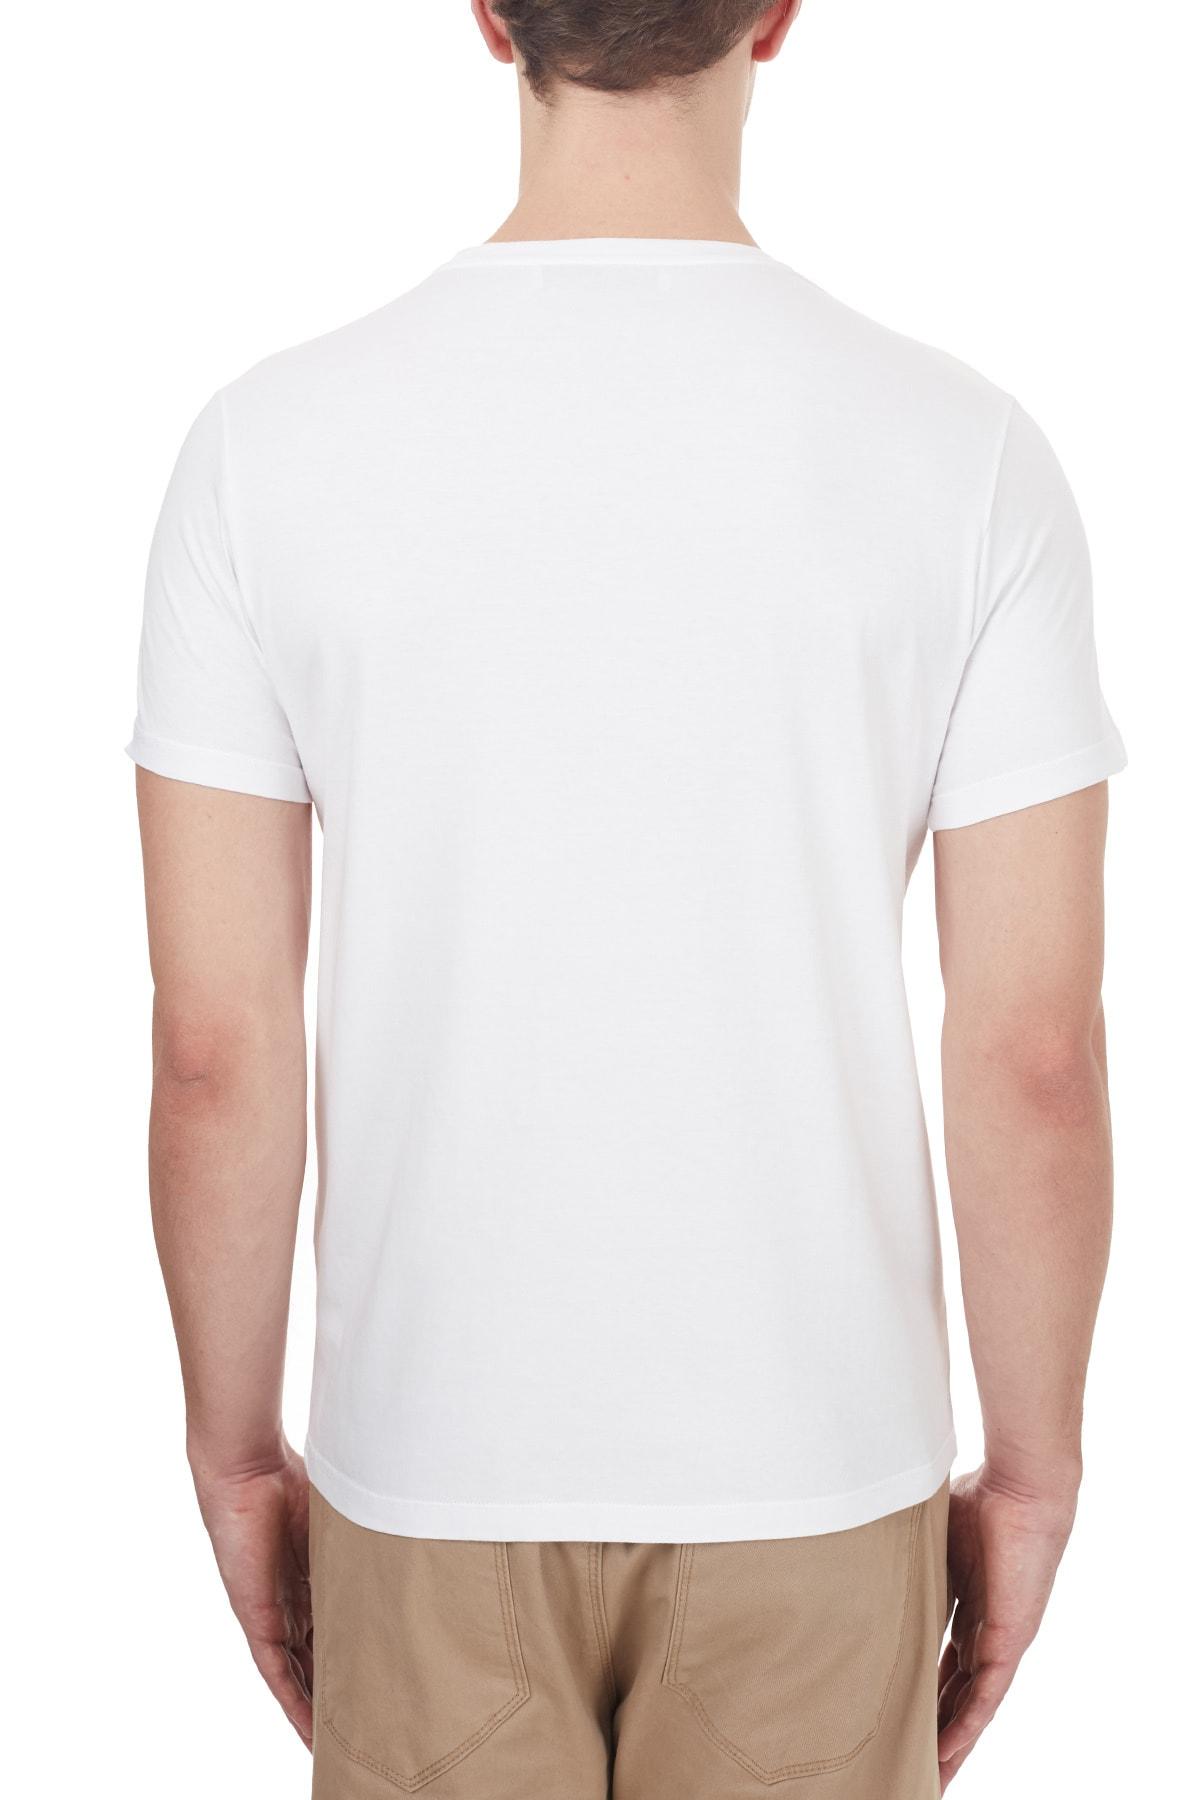 ETRO Pamuklu Baskılı Bisiklet Yaka T Shirt Erkek T Shirt 1y020 9759 0990 2